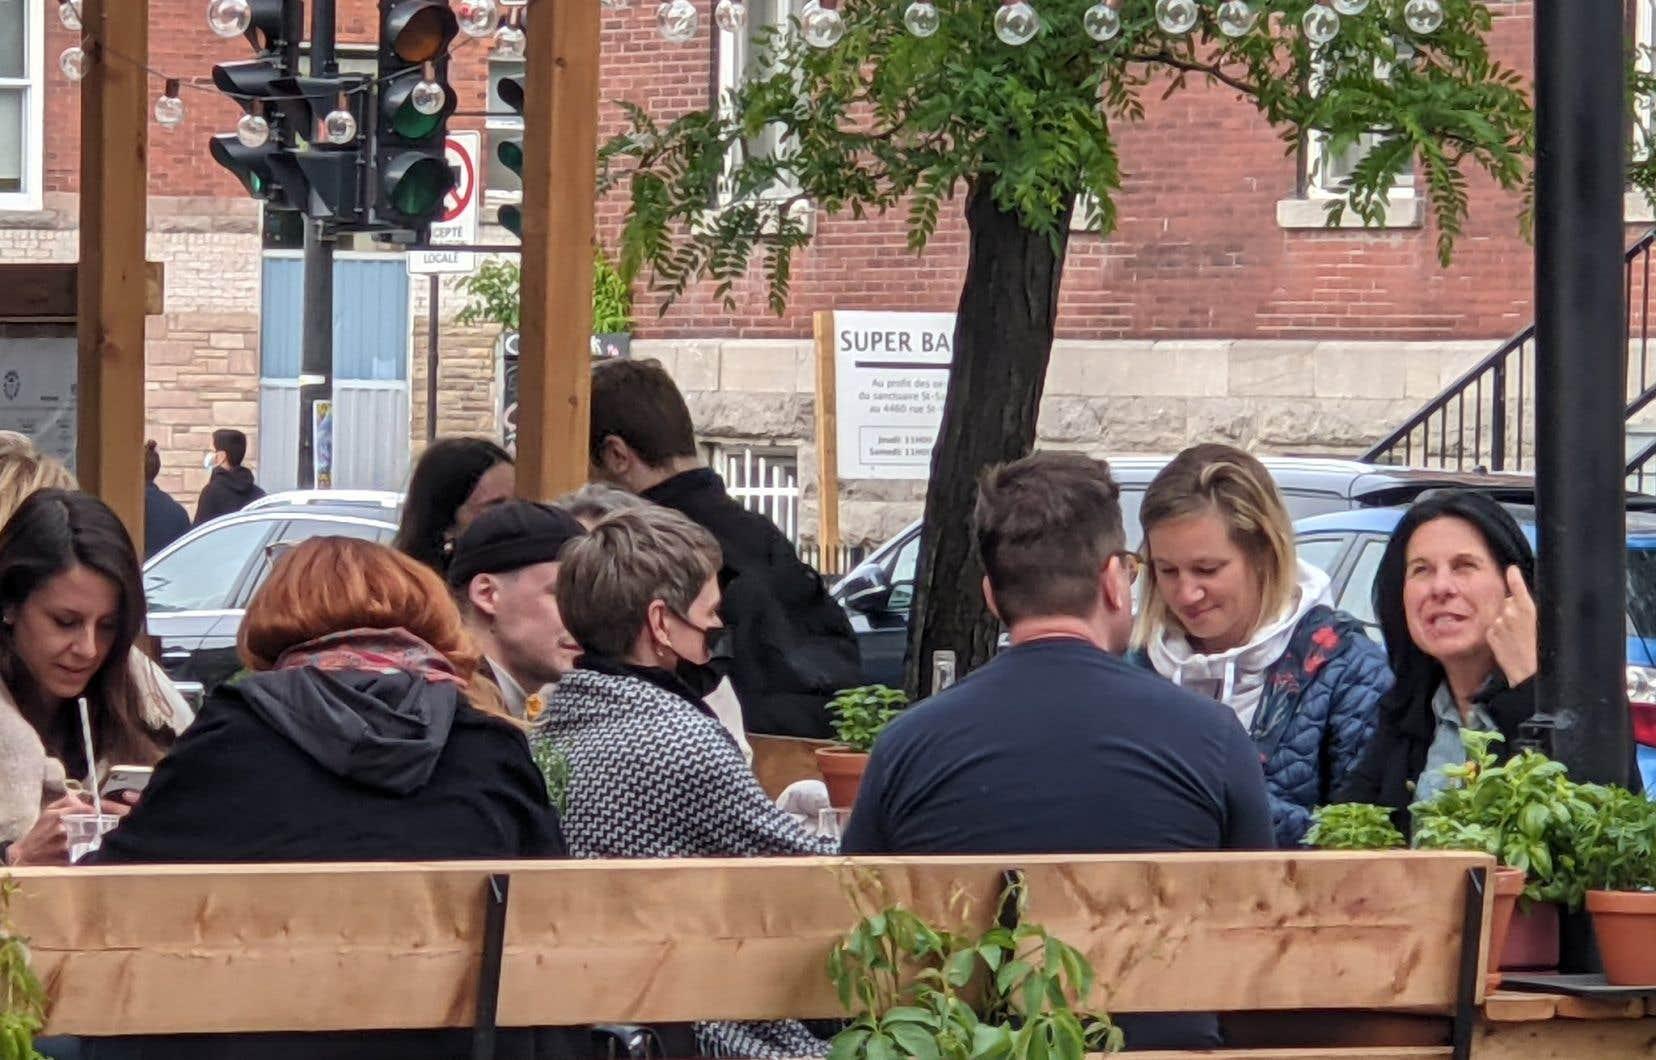 Dans les faits, même avec un masque, les cinq personnes n'auraient pas dû s'asseoir à une même table, selon les règles sanitaires en vigueur.